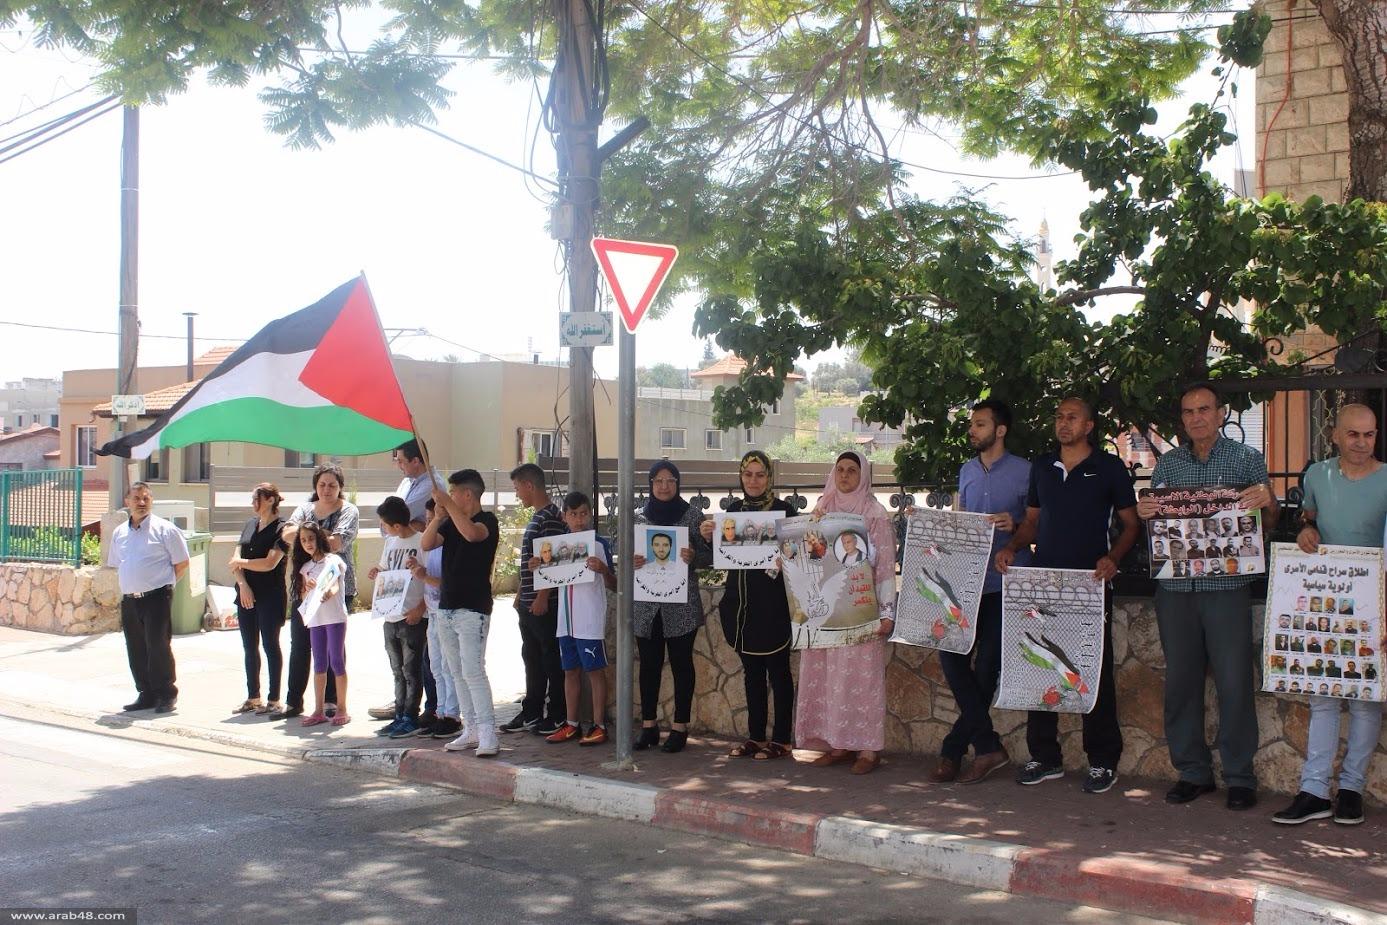 كوكب: تواصل الفعاليات الشعبية المساندة لإضراب الكرامة